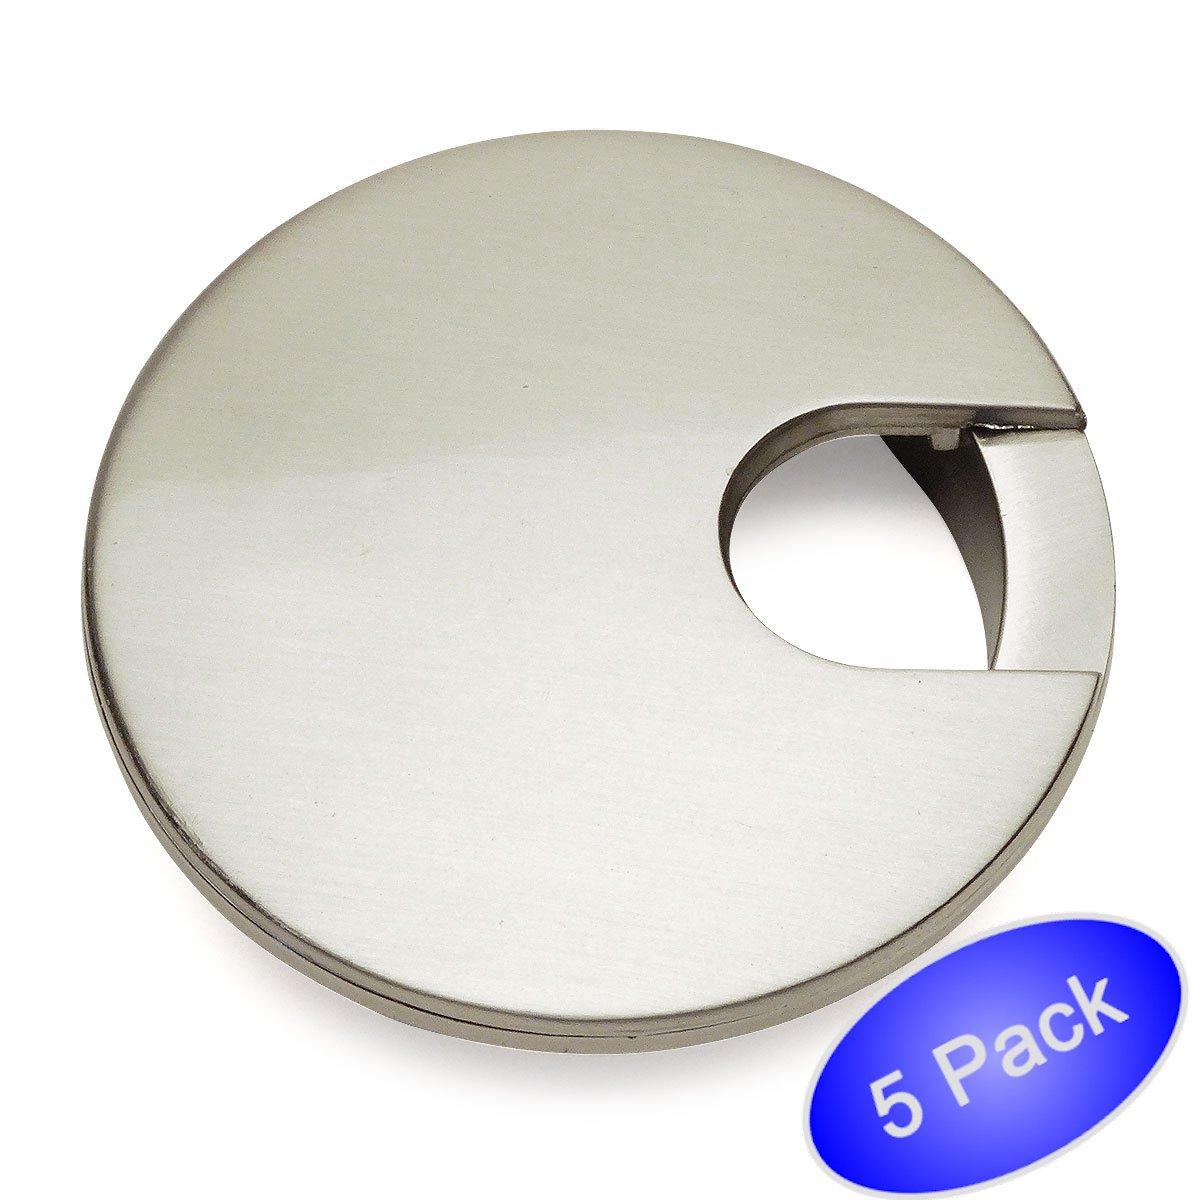 5 Pack - Cosmas 50203SN Satin Nickel 2-1/2'' Two Piece Zinc (Metal) Desk Grommet - 3'' Overall Diameter